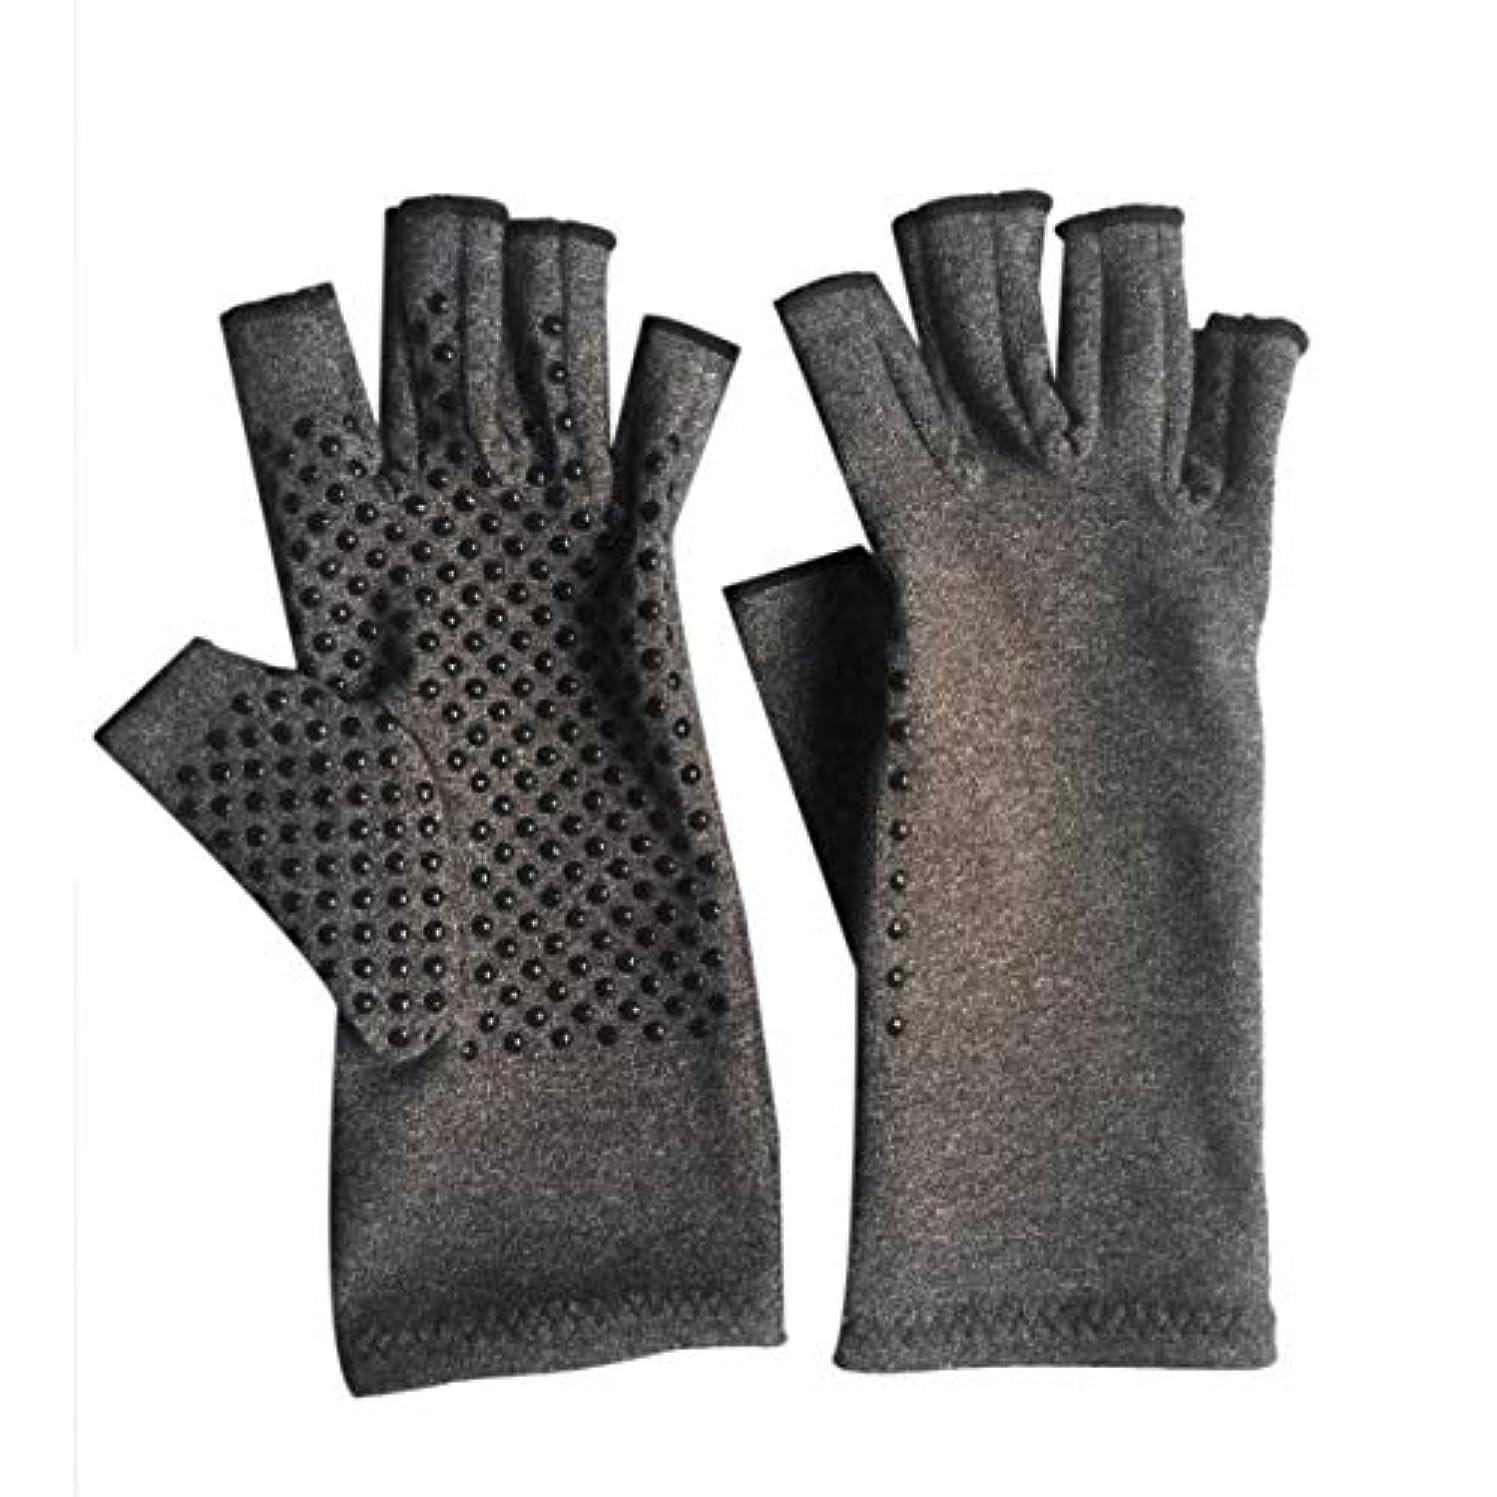 ウナギポーク冷ややかな1ペアユニセックス男性女性療法圧縮手袋関節炎関節痛緩和ヘルスケア半指手袋トレーニング手袋 - グレーM